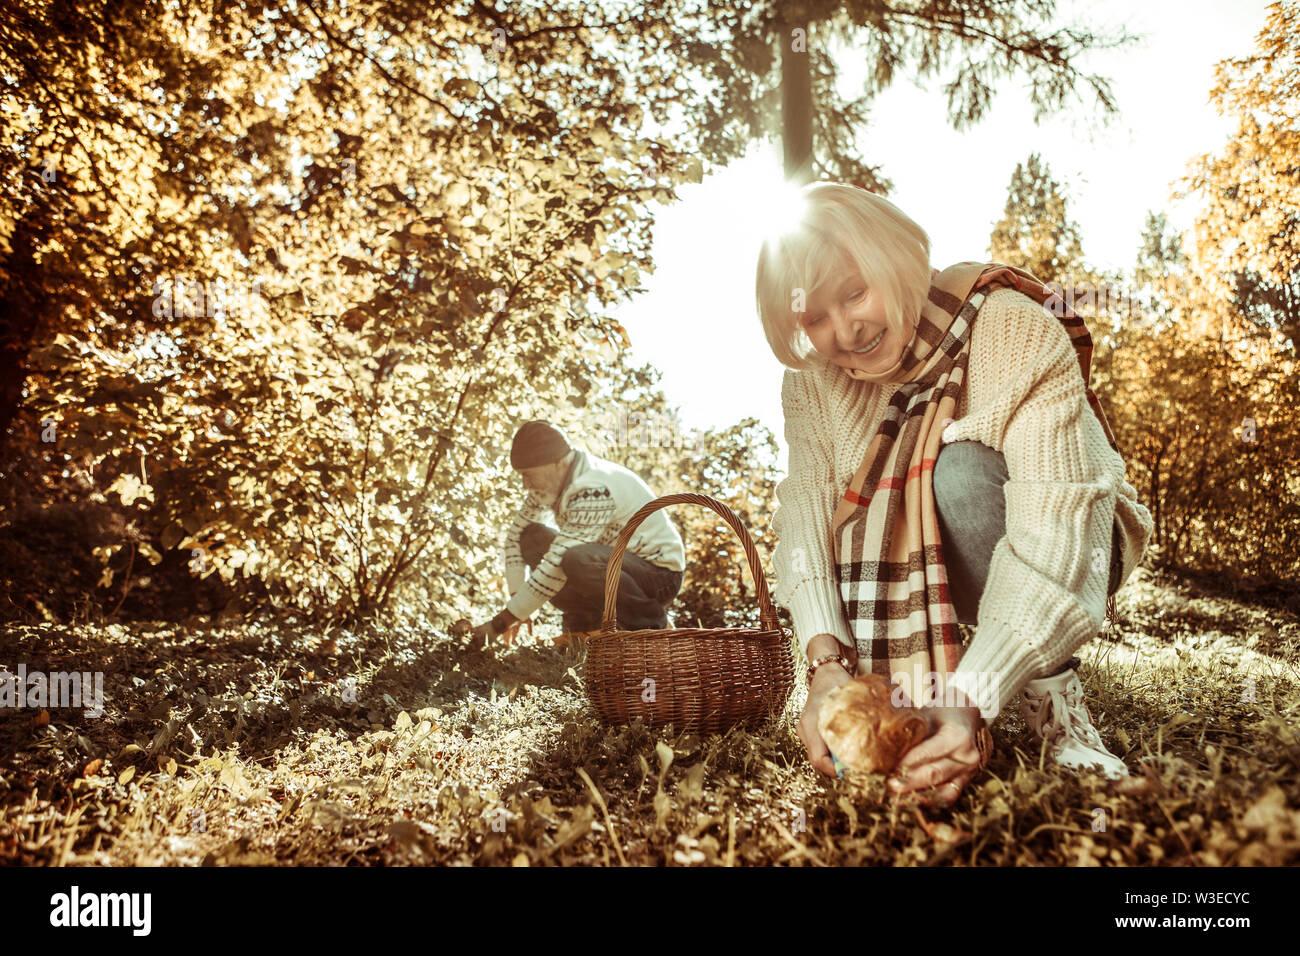 Hauts femme est heureux de trouver un champignon. Photo Stock